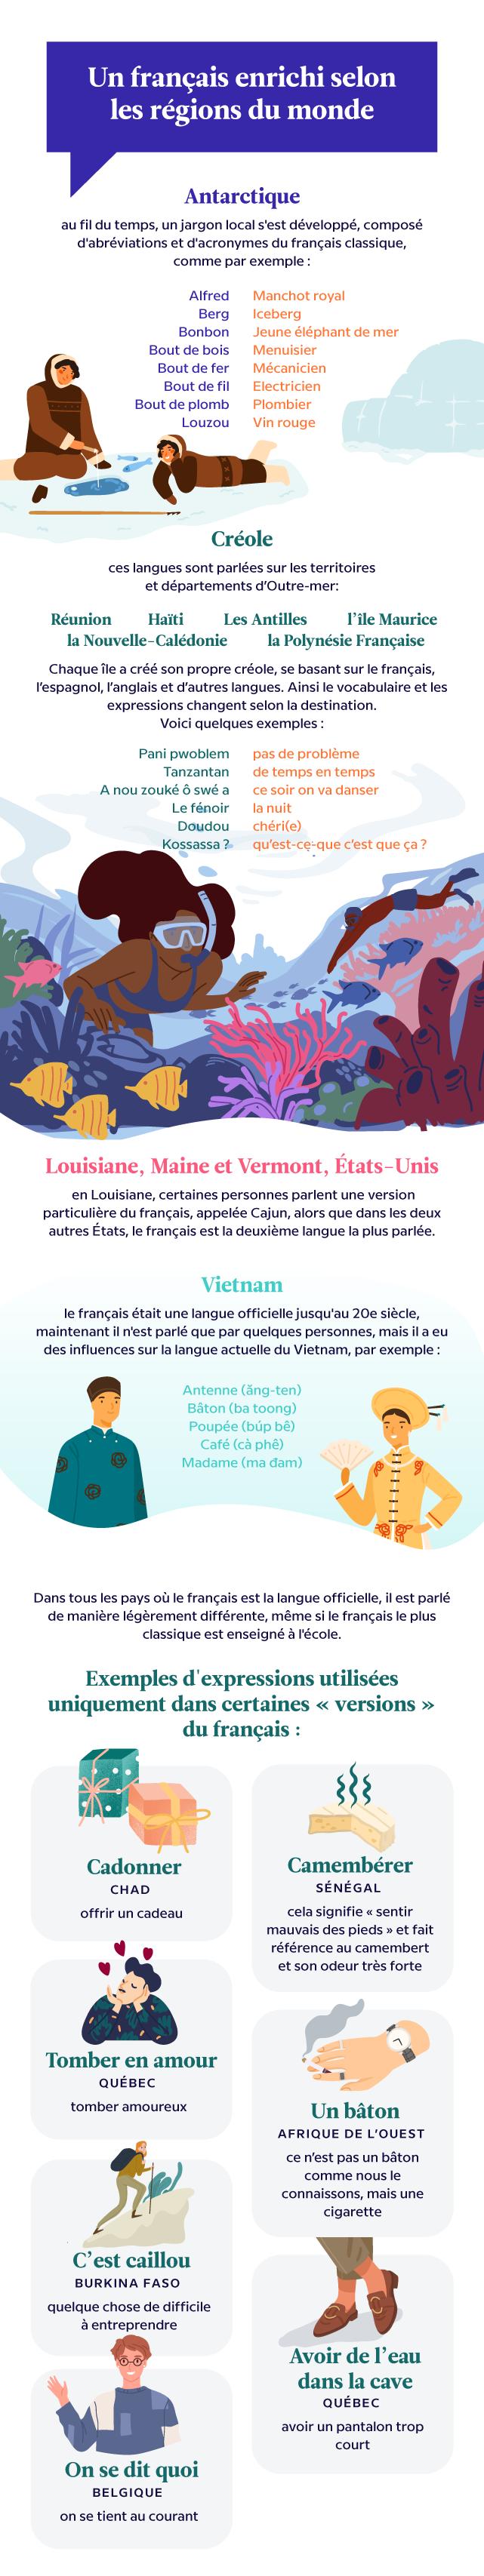 Infographie de la langue française dans le monde